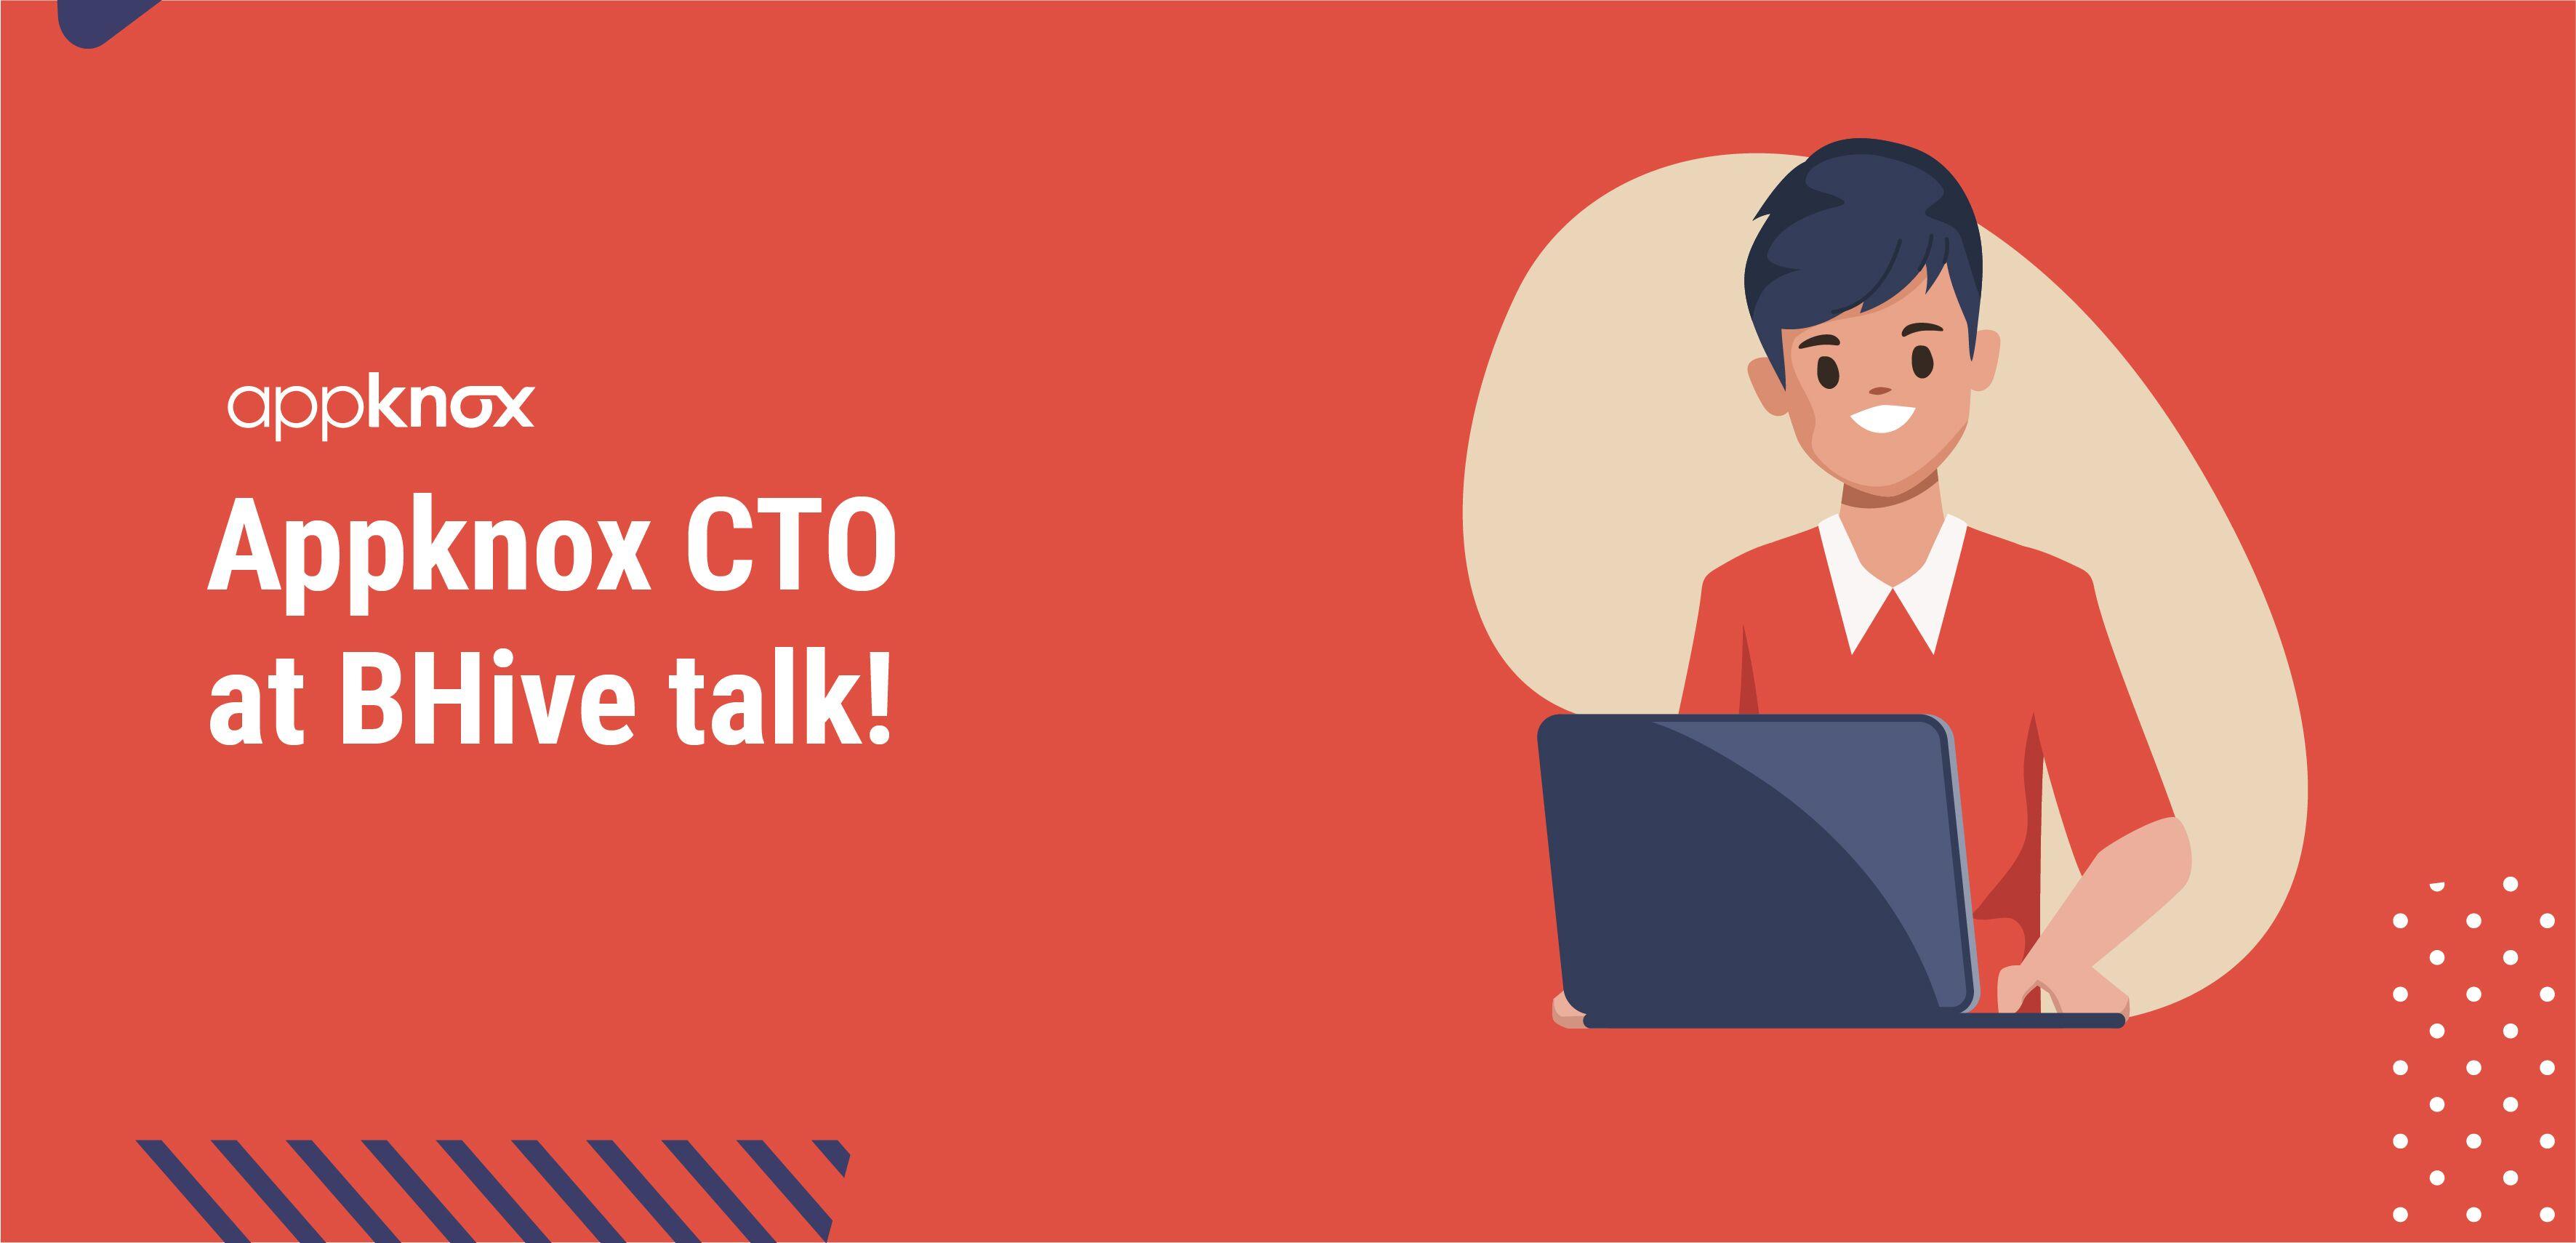 Appknox CTO at BHive talk